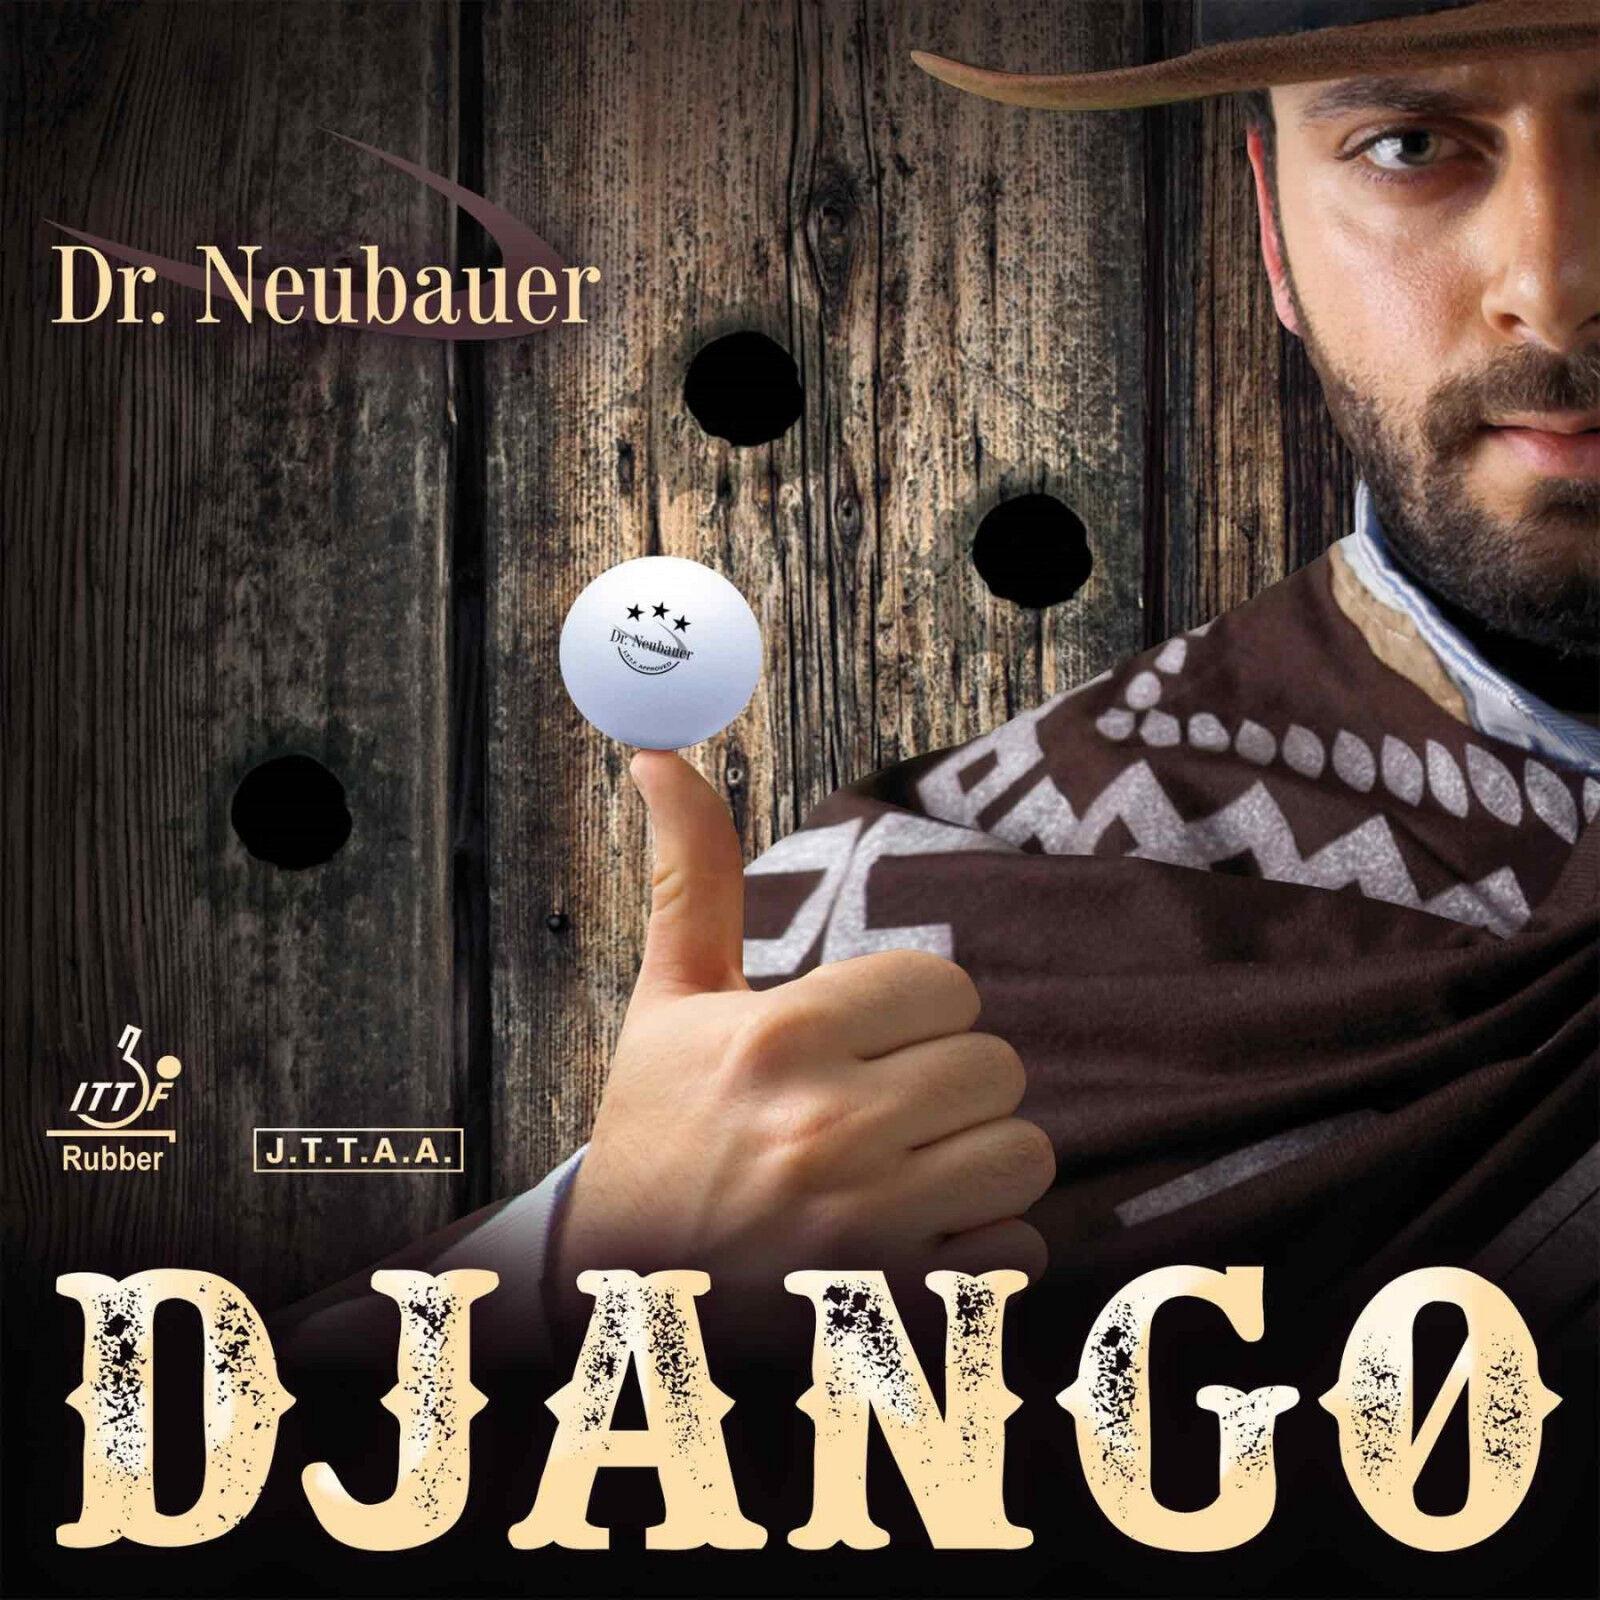 Dr.Neubauer Django 1,5 1,8 2,0 2,0 2,0 mm  | Clever und praktisch  | Preiszugeständnisse  | Zahlreiche In Vielfalt  4b3755